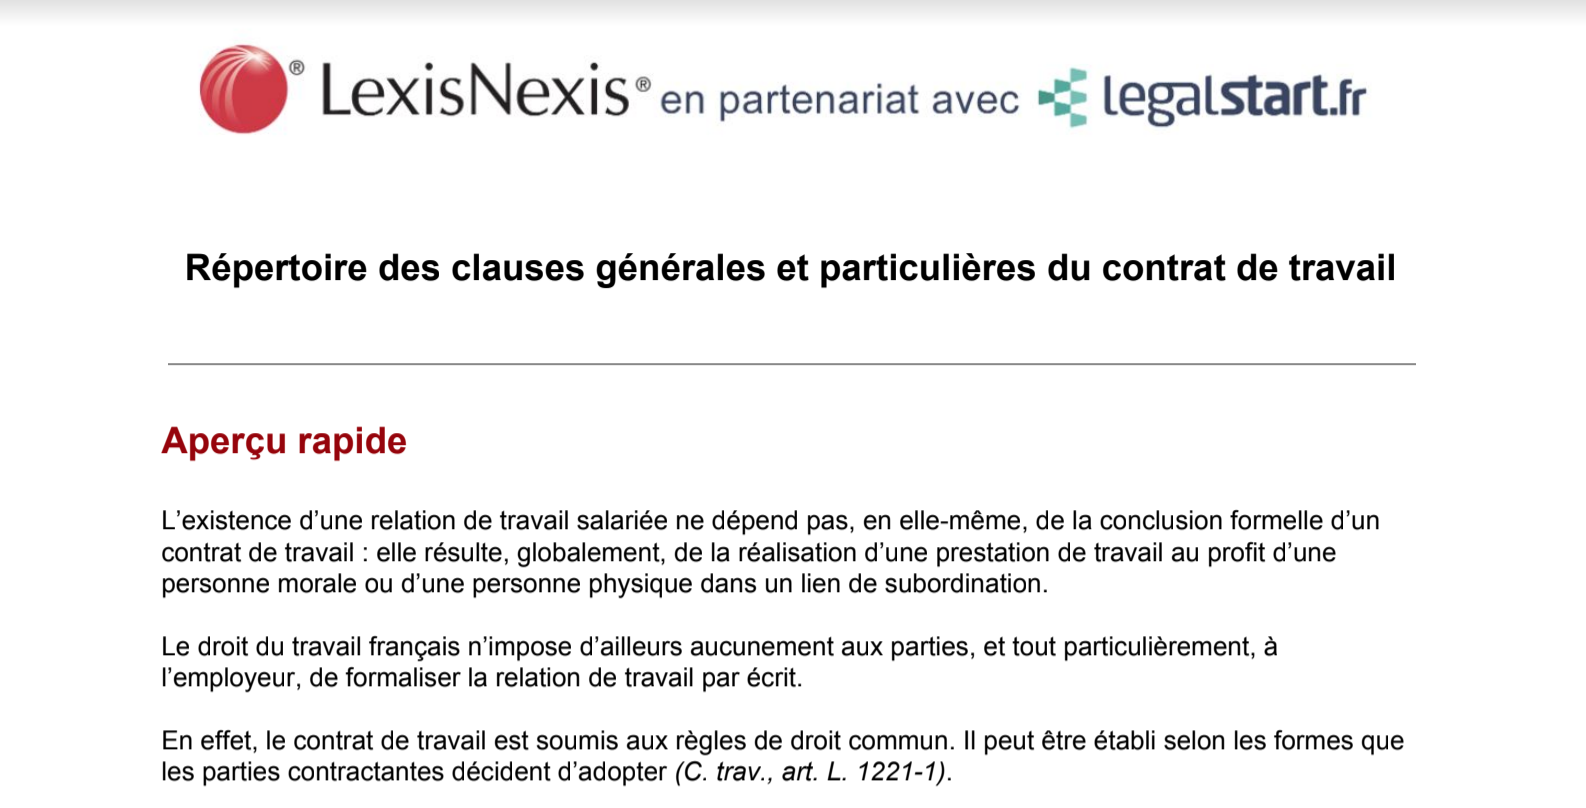 Repertoire Des Clauses Generales Et Particulieres Du Contrat De Travail